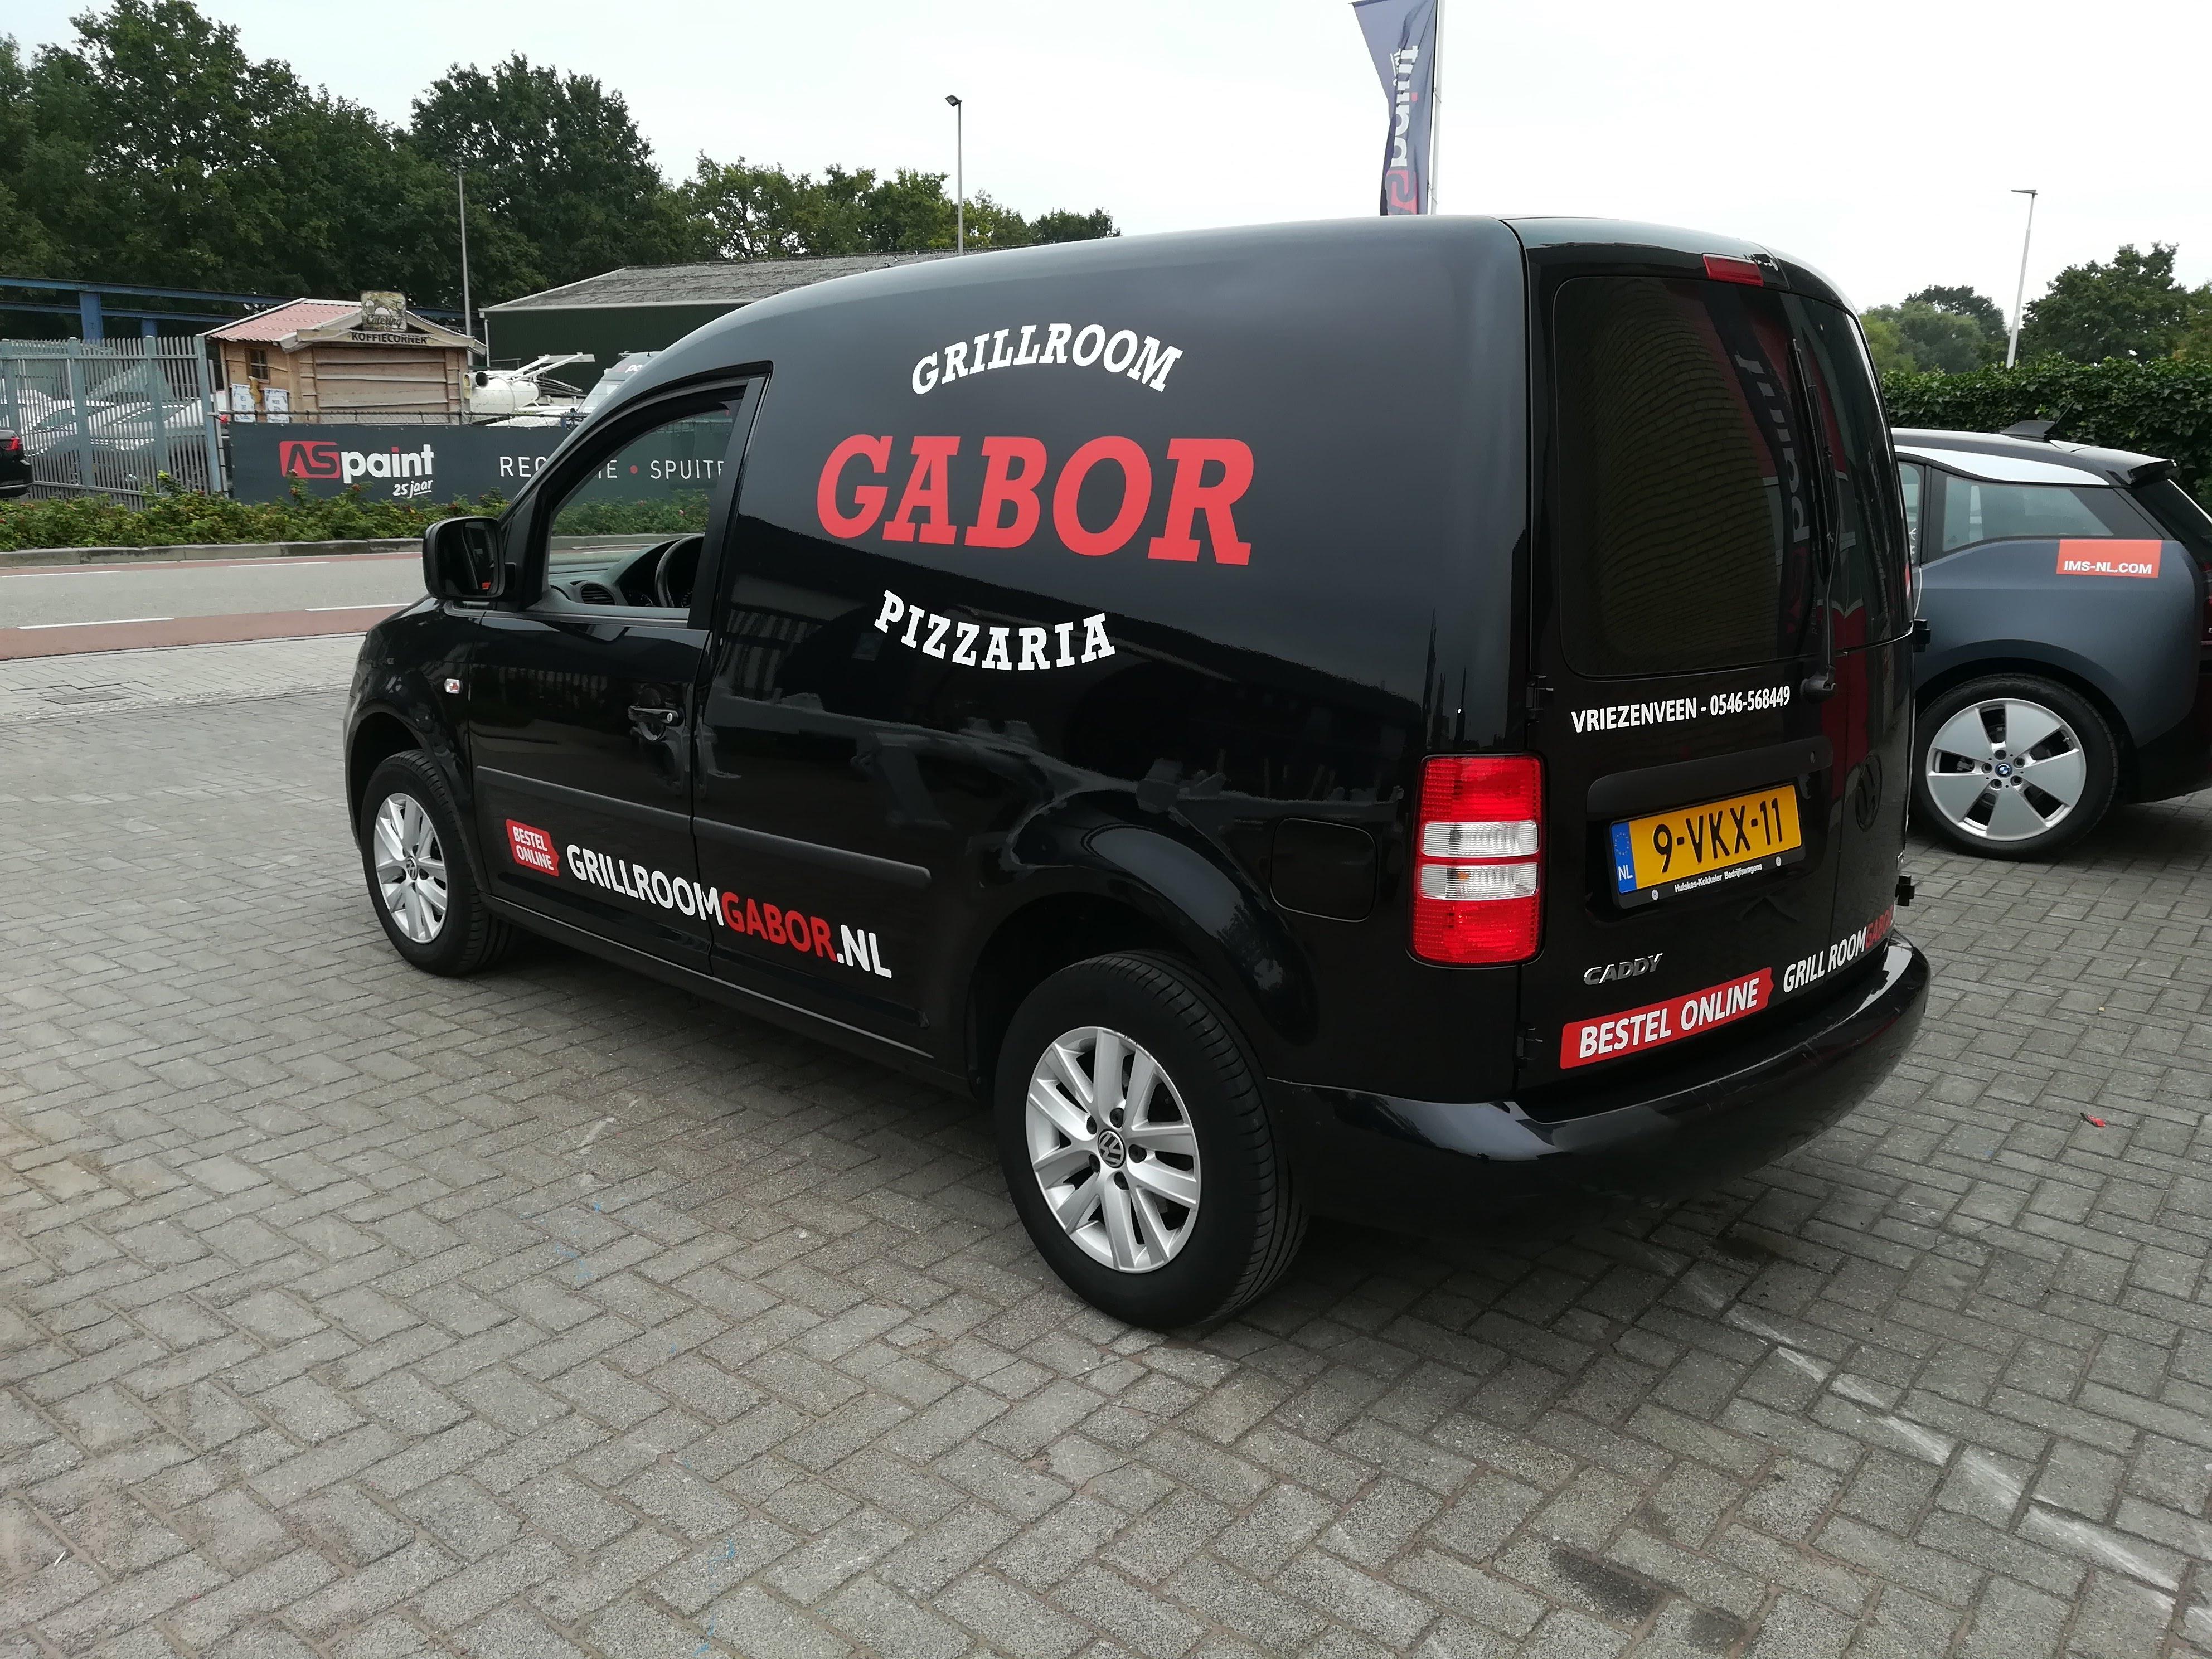 Autobelettering, Grillroom Gabor, Volkswagen Caddy, Seat Inca, Vriezenveen, Twente, Belettering, Autoreclame